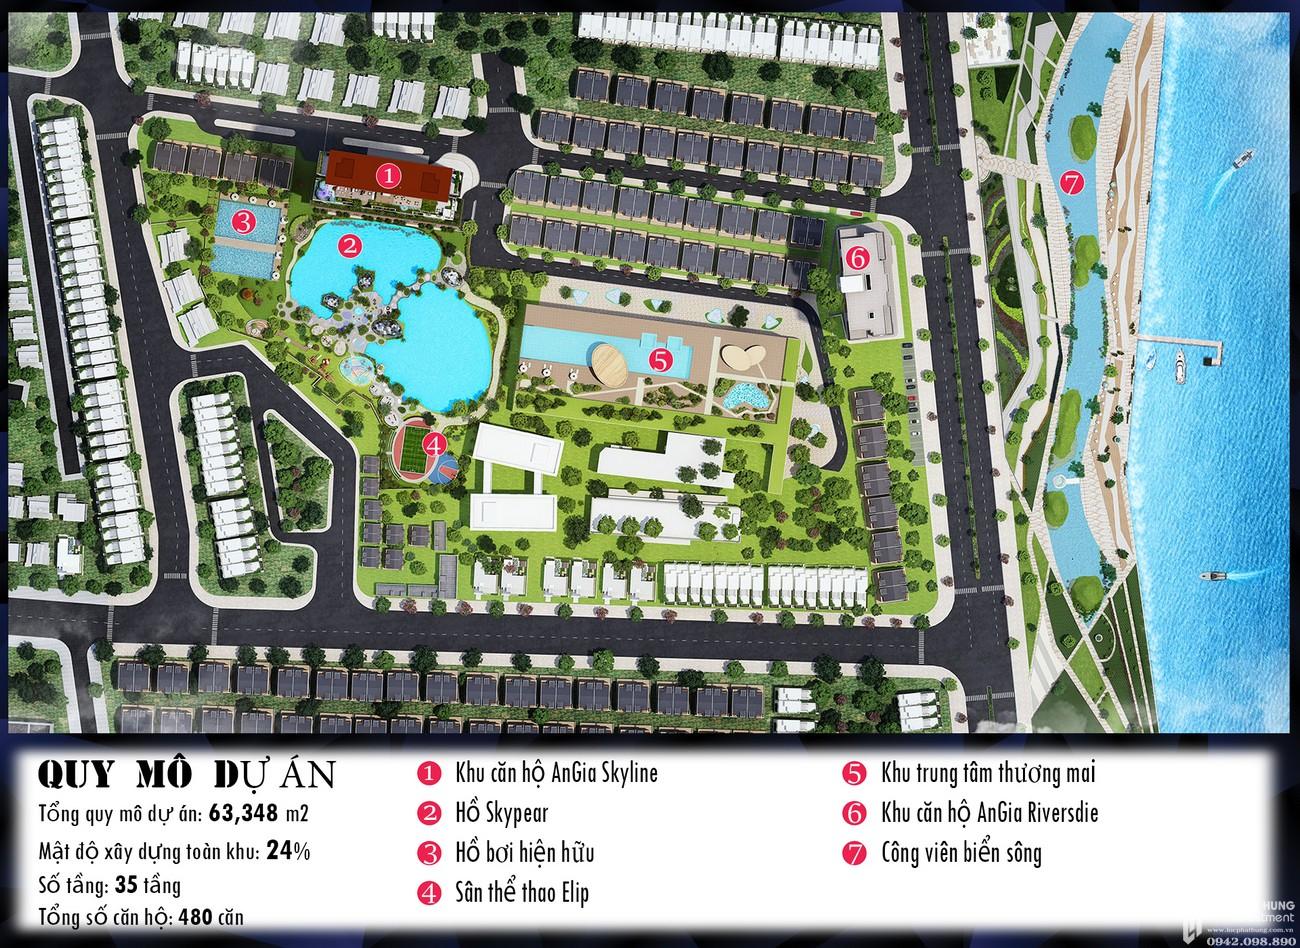 Mặt bằng tổng thể dự án căn hộ chung cư Skyline Quận 7 Đường Hoàng Quốc Việt chủ đầu tư An Gia